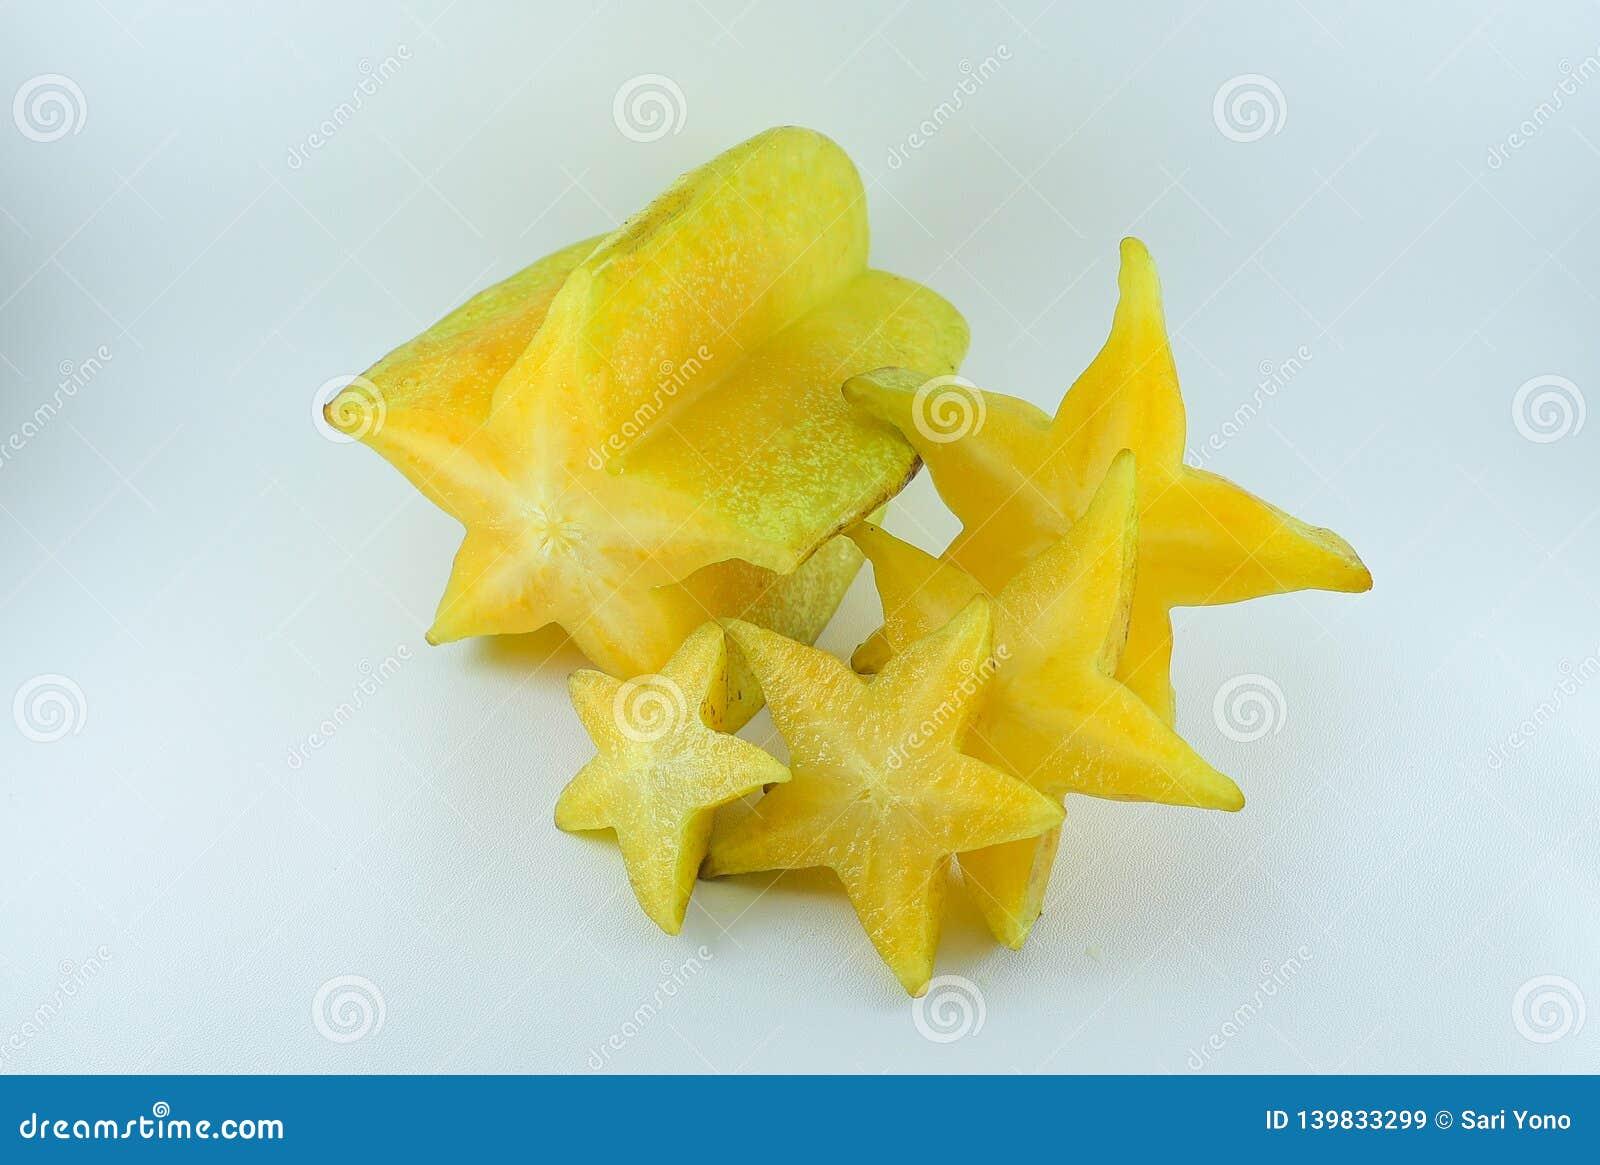 Τα φρούτα Carambola είναι ώριμα με τα κομμάτια που απομονώνονται σε ένα άσπρο υπόβαθρο